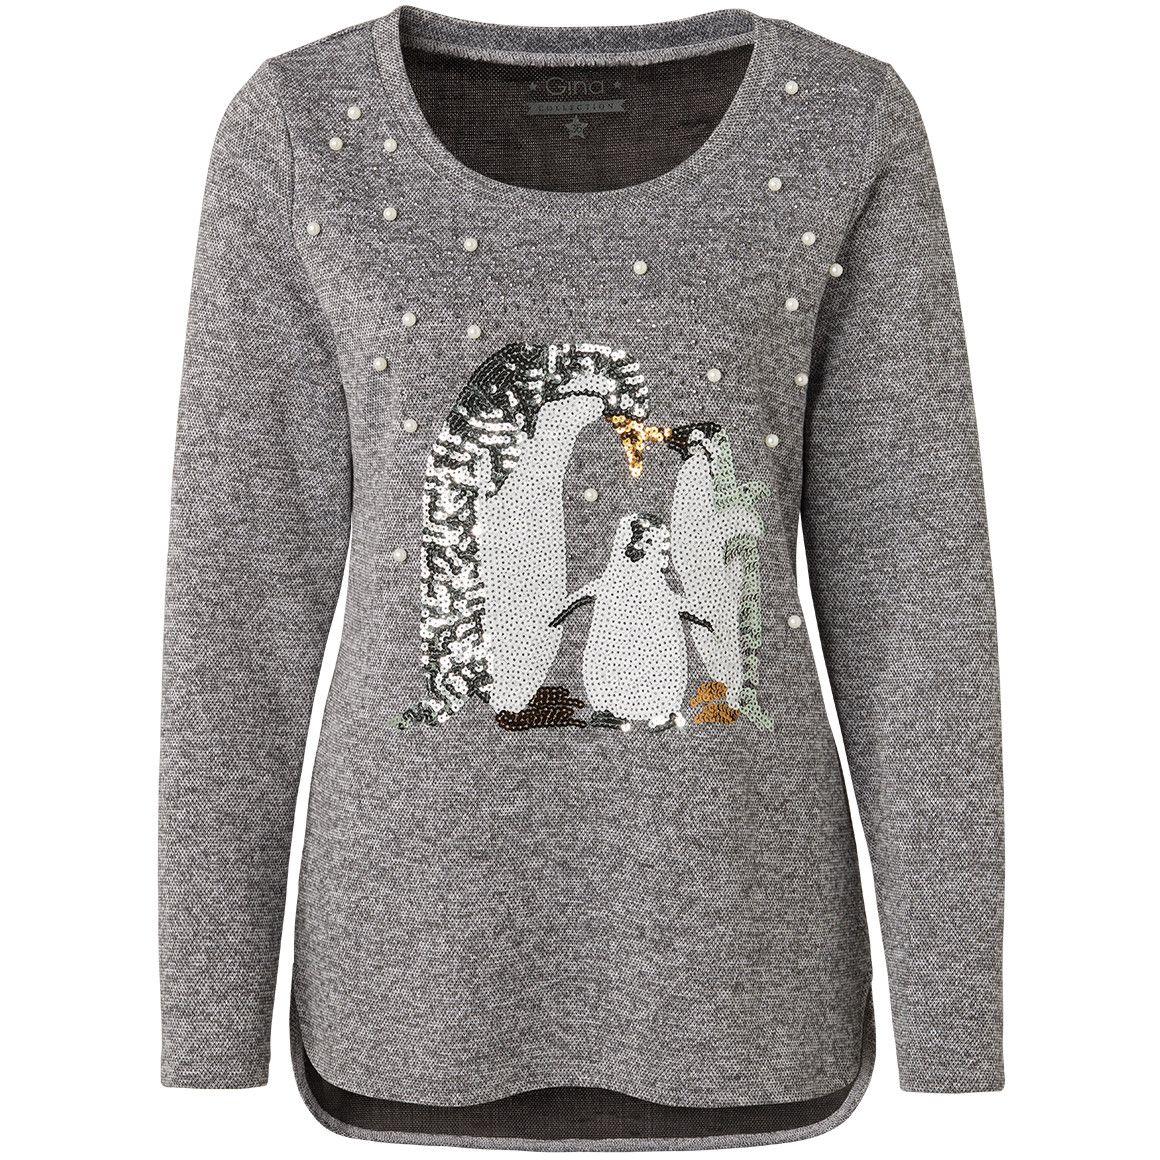 Ab 25 11 18 Gina Grau Meliertes Damen Shirt Mit Pinguinen Aus Pailletten Und Einer Vielzahl An Zierperlen U Ziersteinen Seite Kleidung Damenkleider Modestil